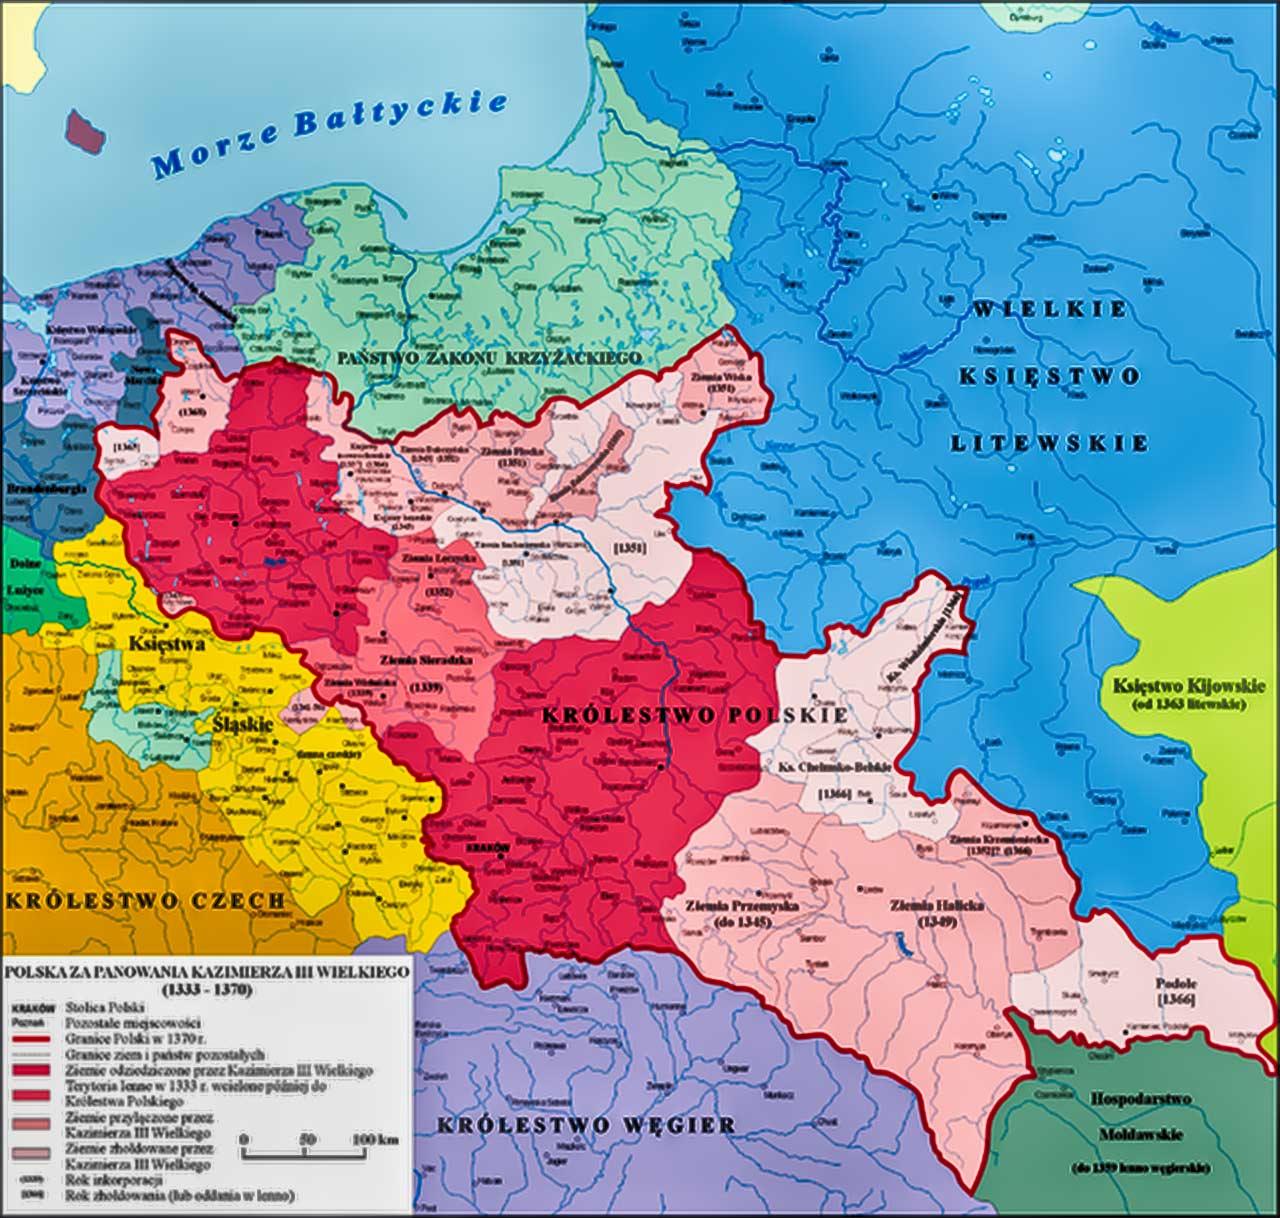 Mapa Europy Wschodniech w czasach Kazimierza III Wielkiego. Źródło: kazimierzwielki.pl